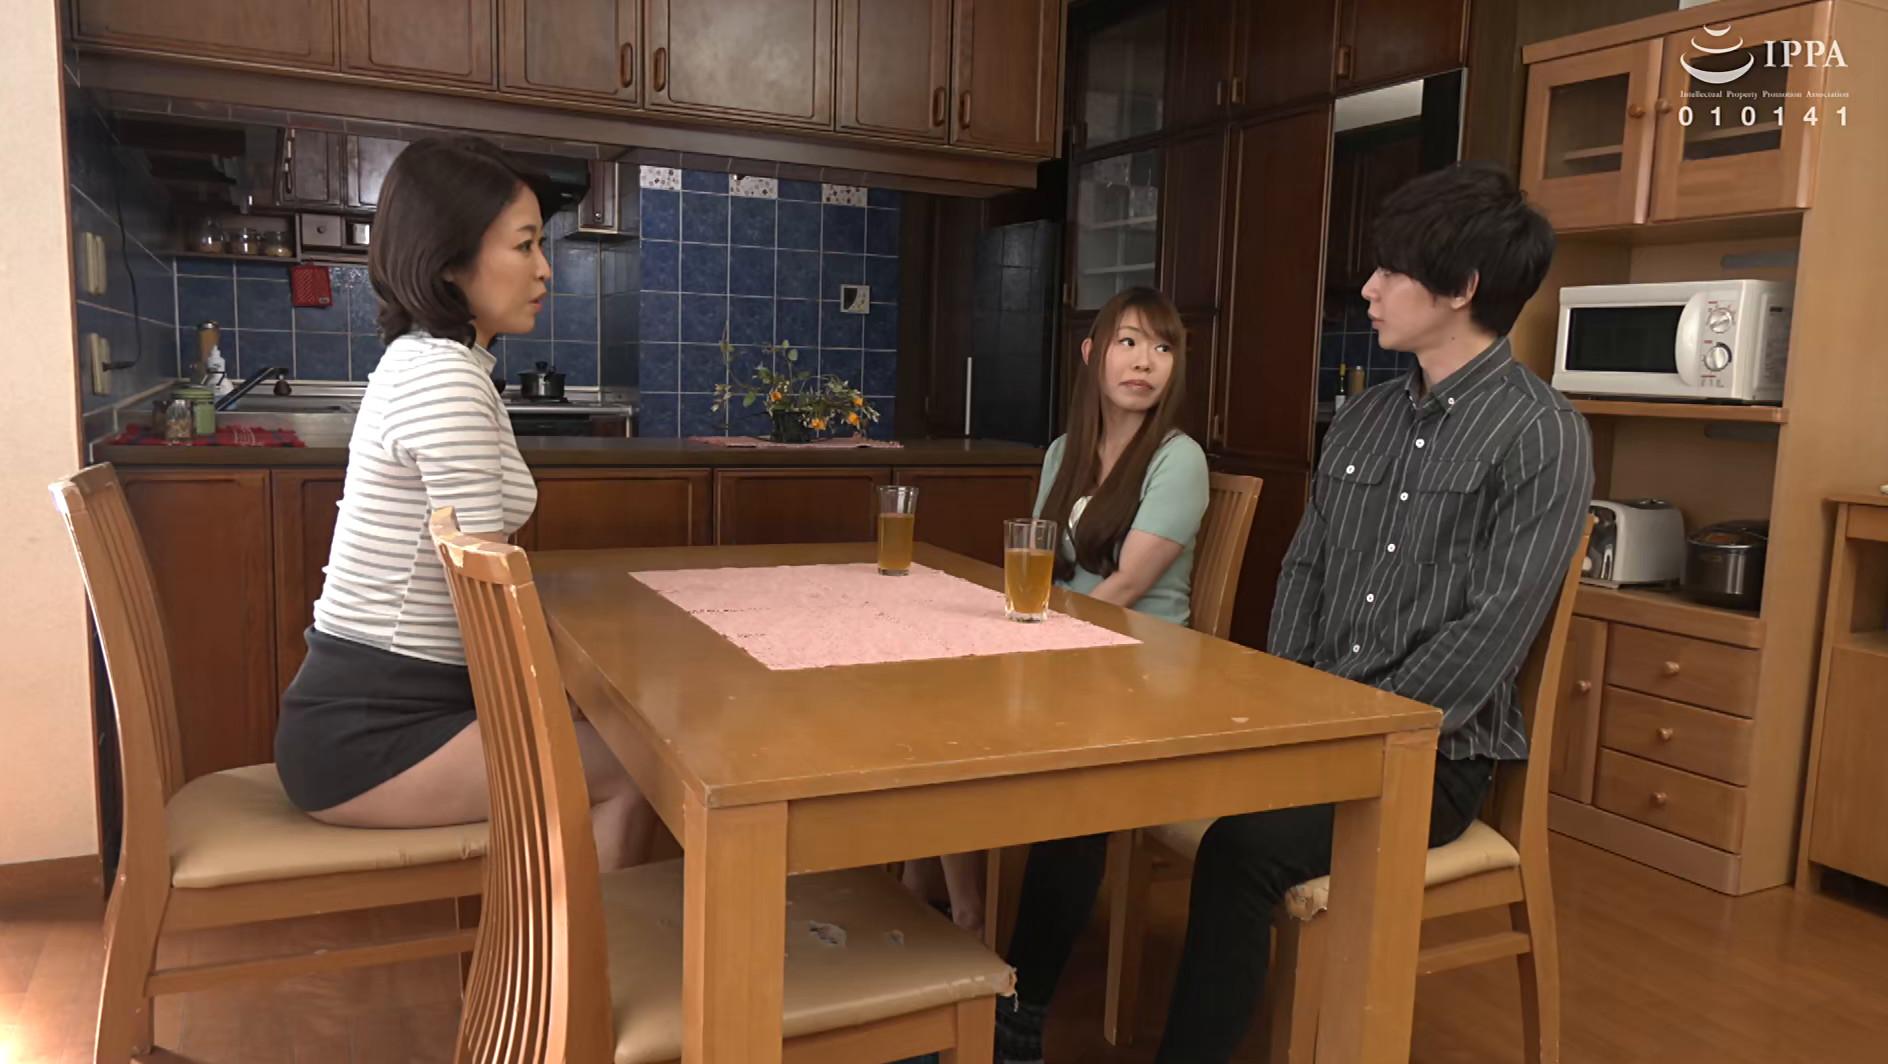 彼女の母親がエロ下着と中出しで彼氏を誘惑しはじめた 青山涼香 四十六歳